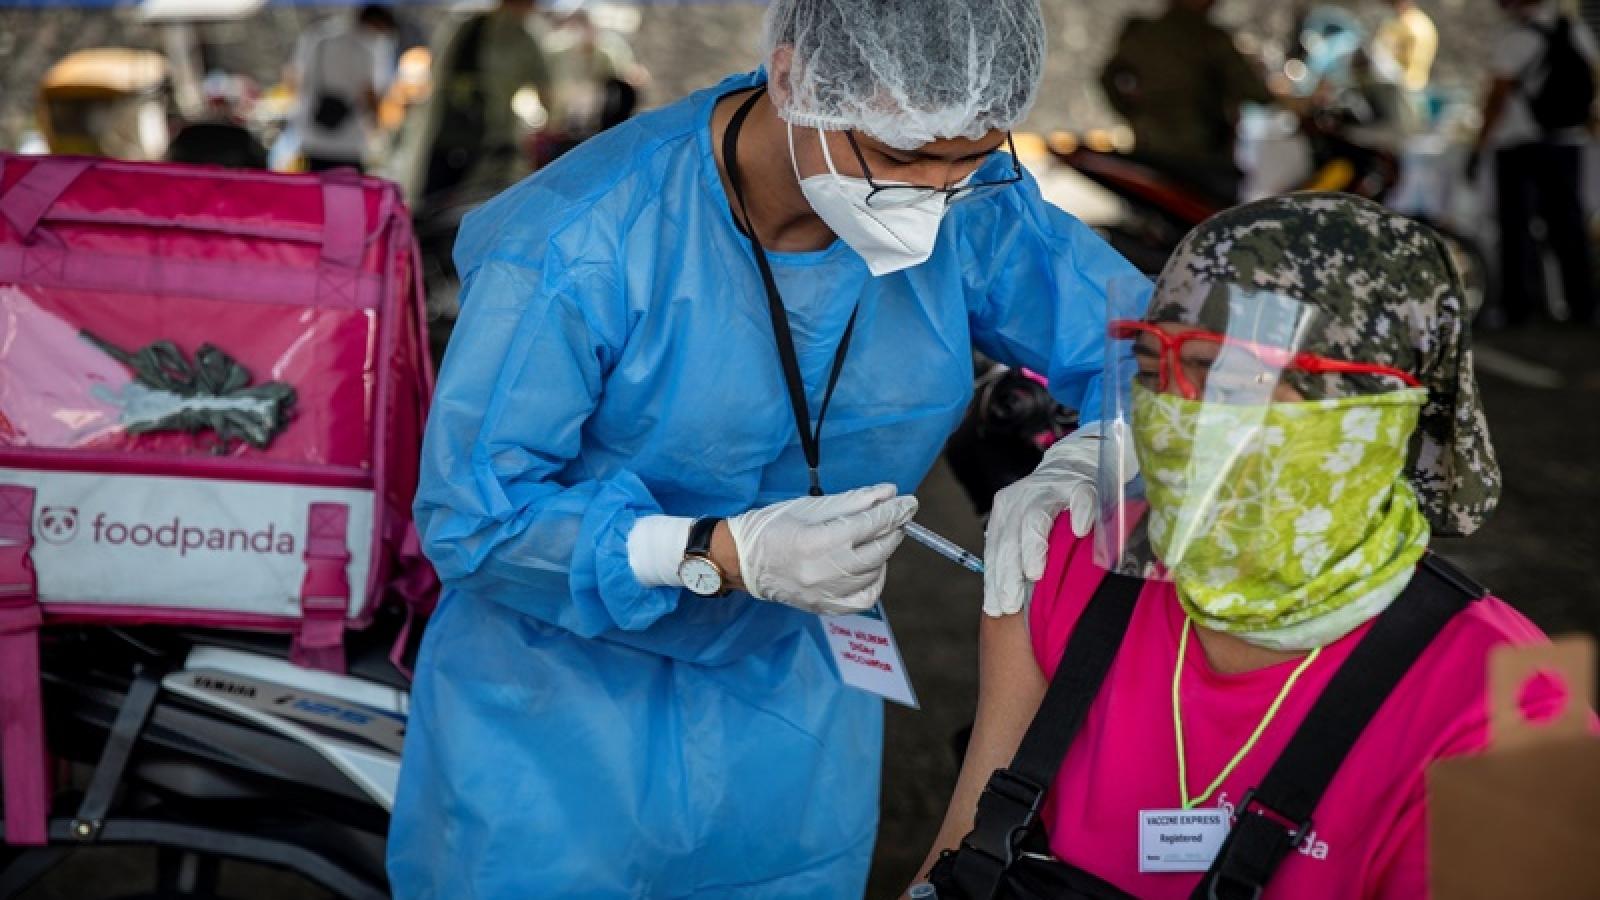 Philippines thử nghiệm tiêm kết hợp vaccine kể từ đầu tháng 11